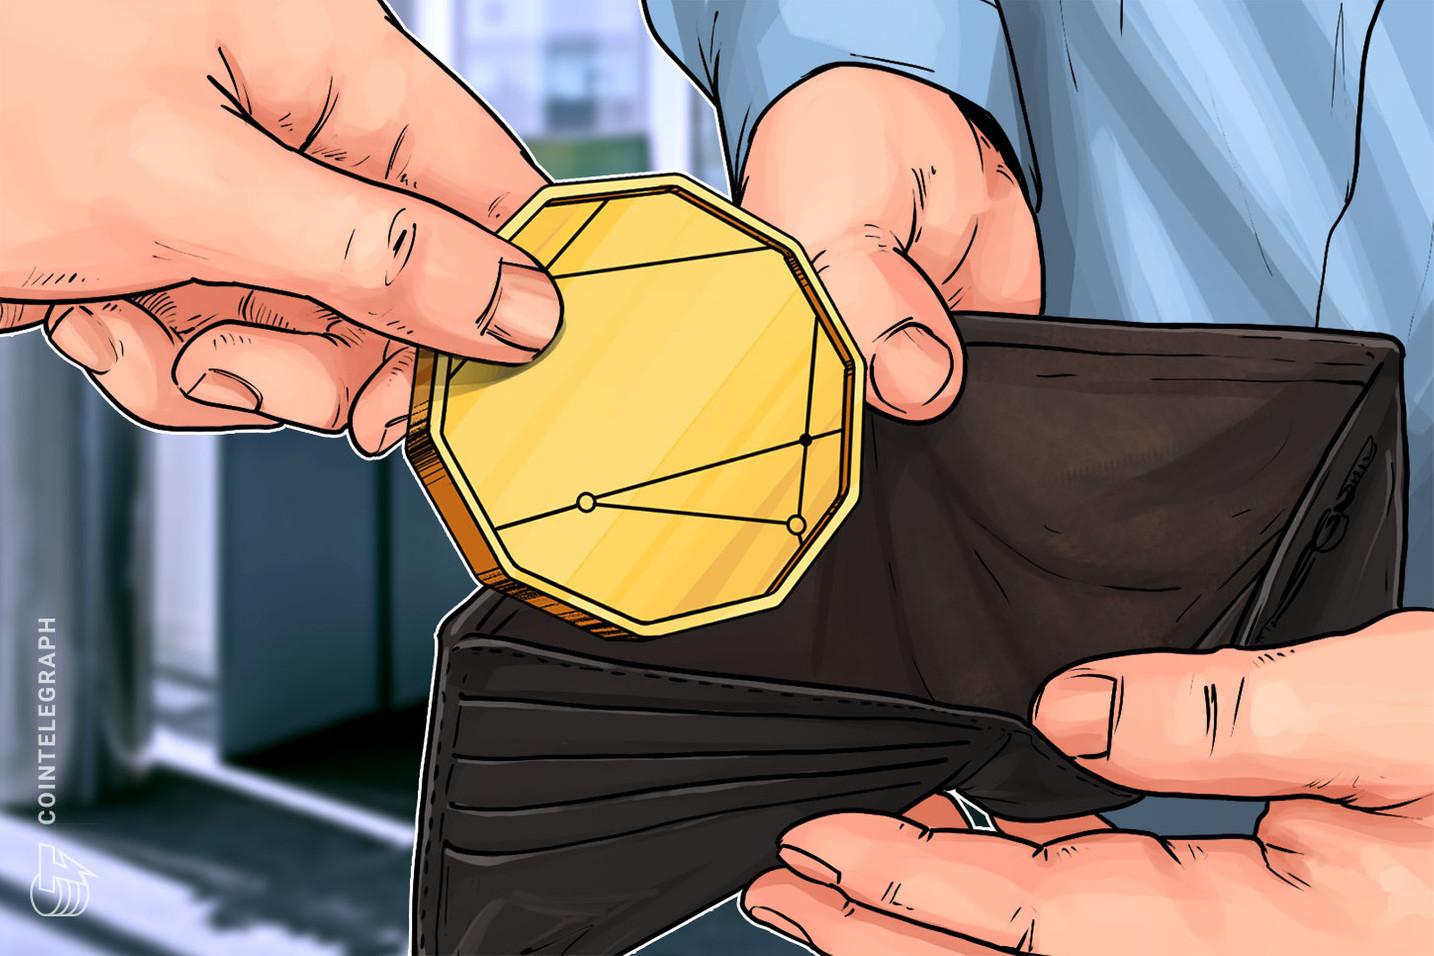 Krypto-Wallet-Anbieter BRD bietet Krypto-Kauf per Banküberweisung